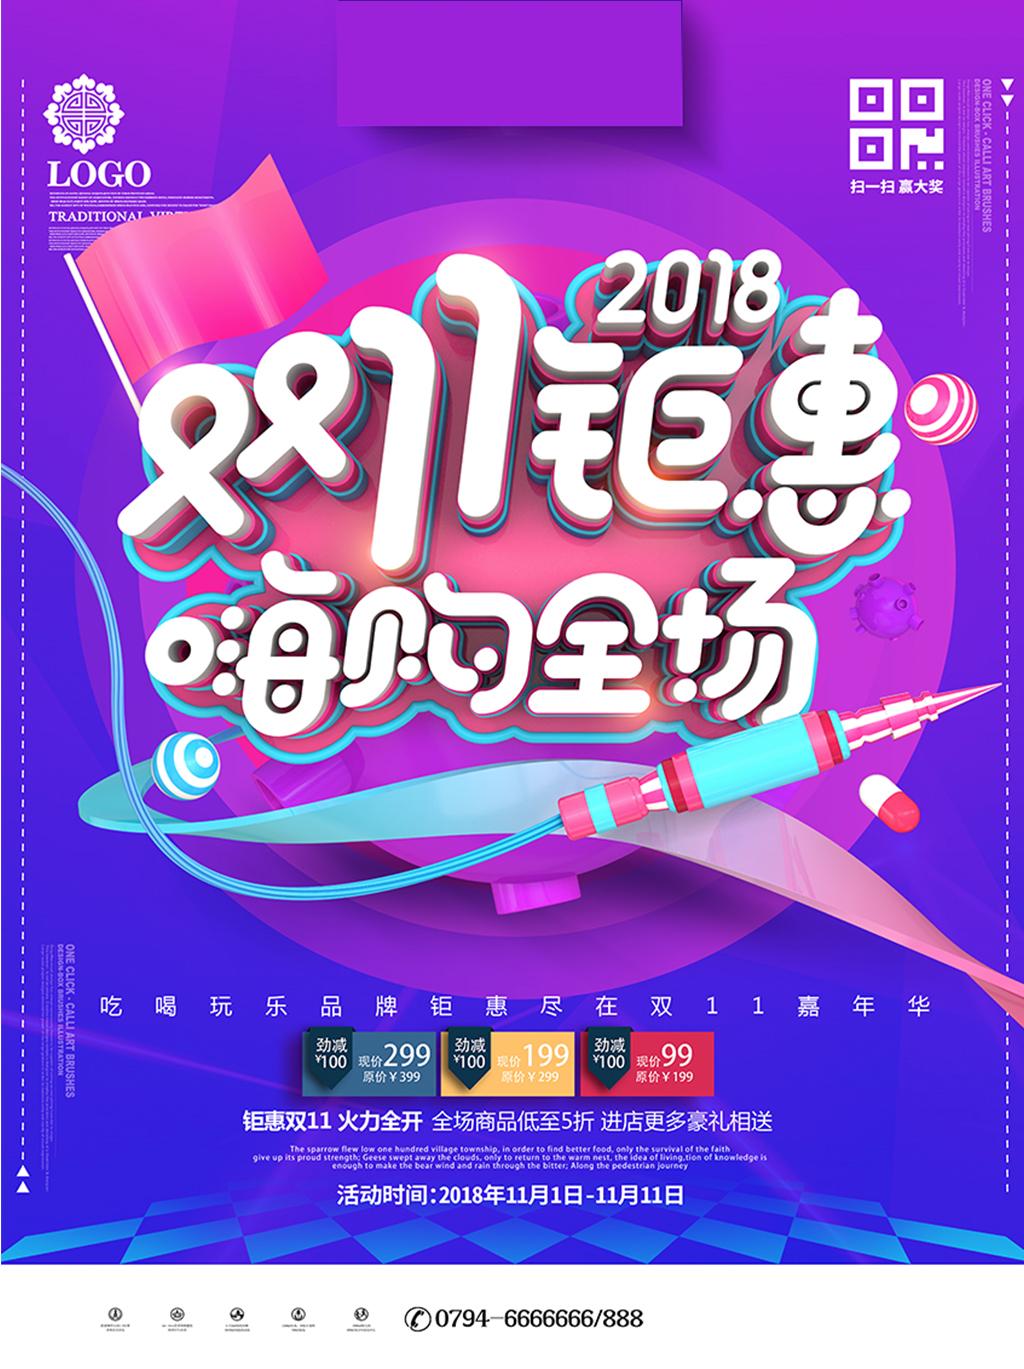 C4D创意紫色炫酷双11钜惠双11海报双十一